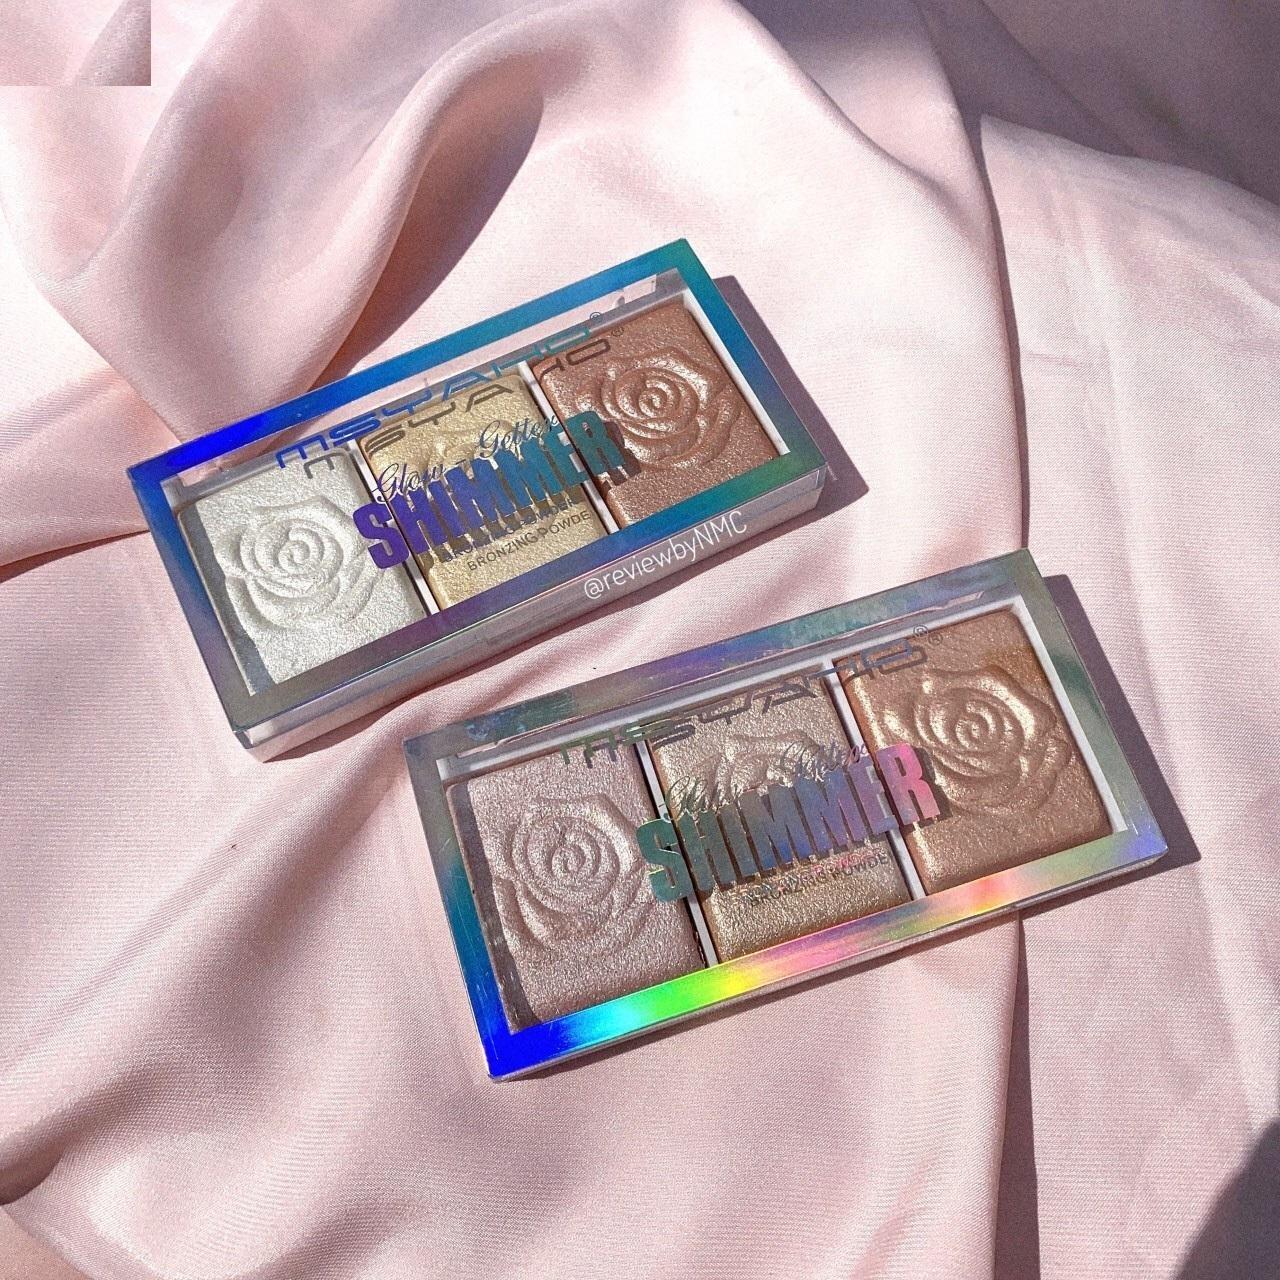 Shimmer Glow bắt sáng Hoa Hồng 3 ô MSYAHO, phấn bắt sáng hoa hồng, sản phẩm trang điểm da-làm làn da trở nên lấp lánh-nhũ và kim tuyến